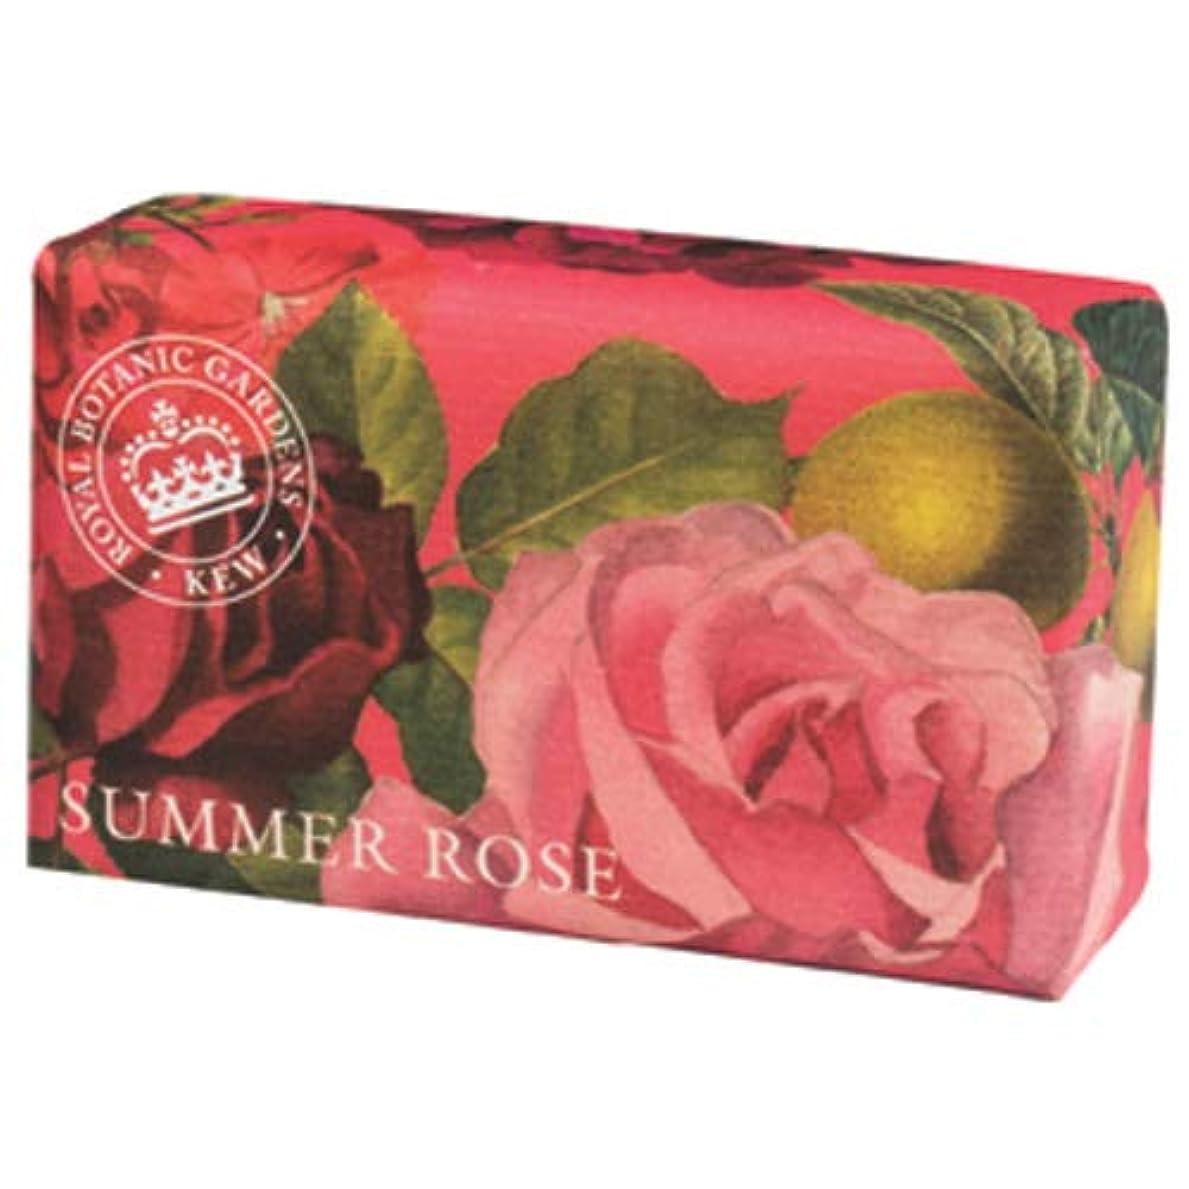 怠なマトリックス賢明なEnglish Soap Company イングリッシュソープカンパニー KEW GARDEN キュー?ガーデン Luxury Shea Soaps シアソープ Summer Rose サマーローズ